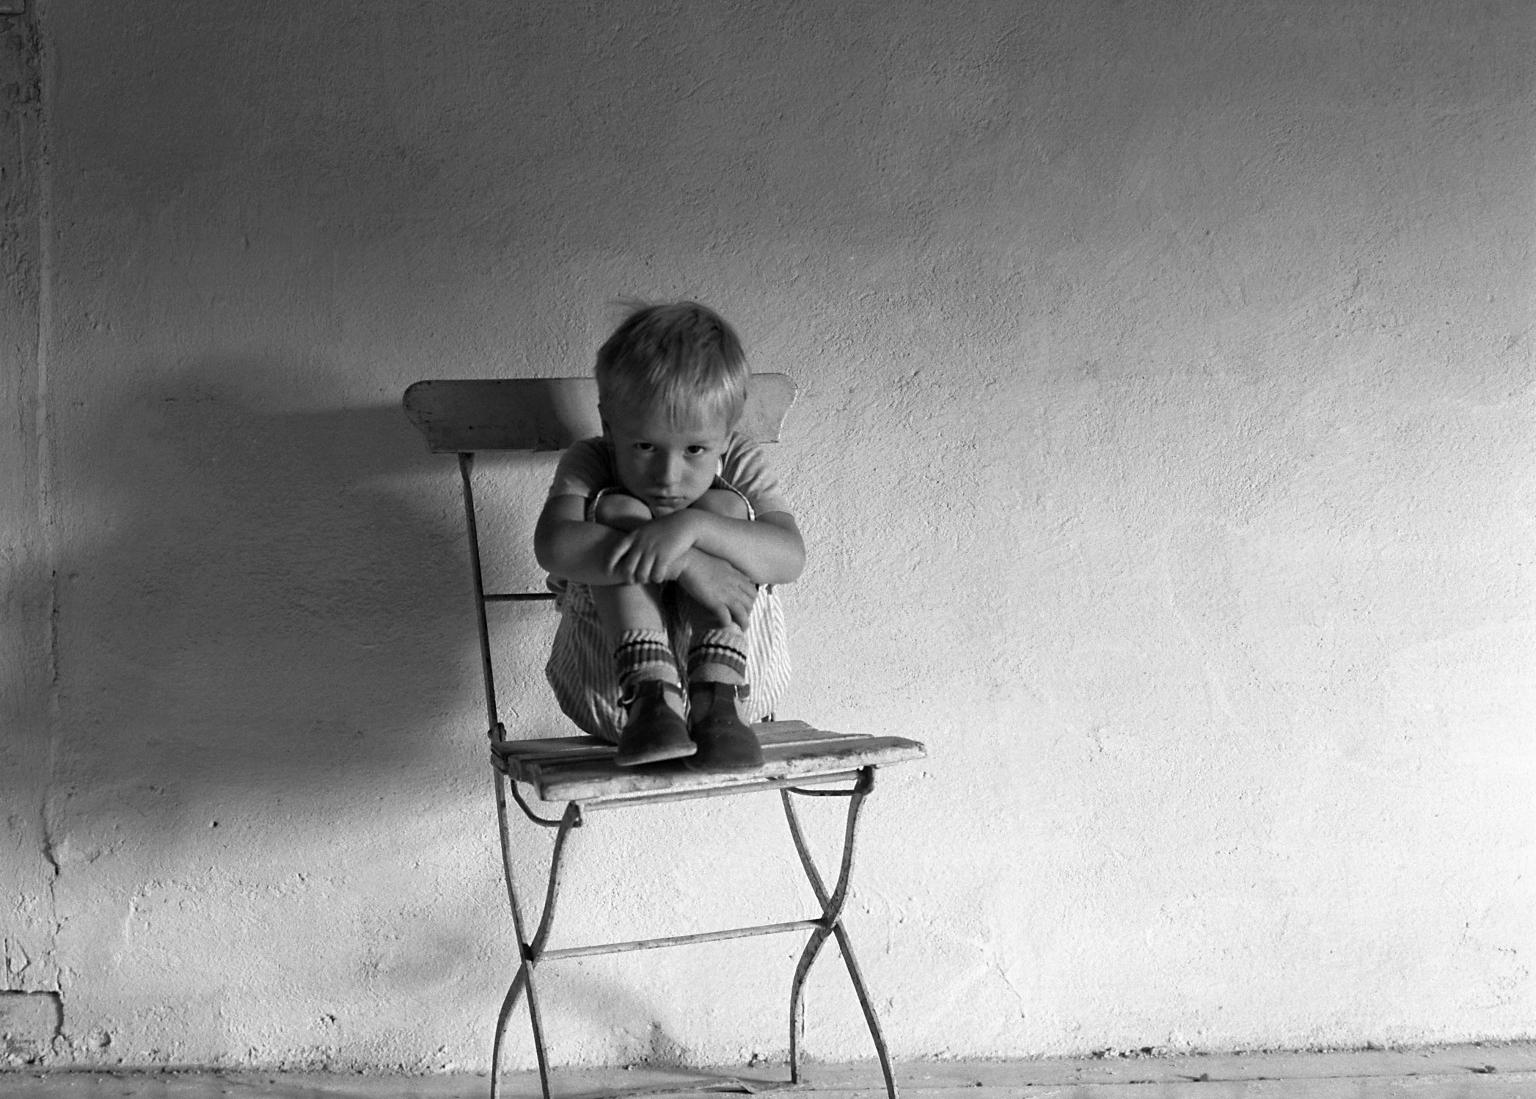 Ребенок-невидимка: чем может быть опасно одиночество в детстве?